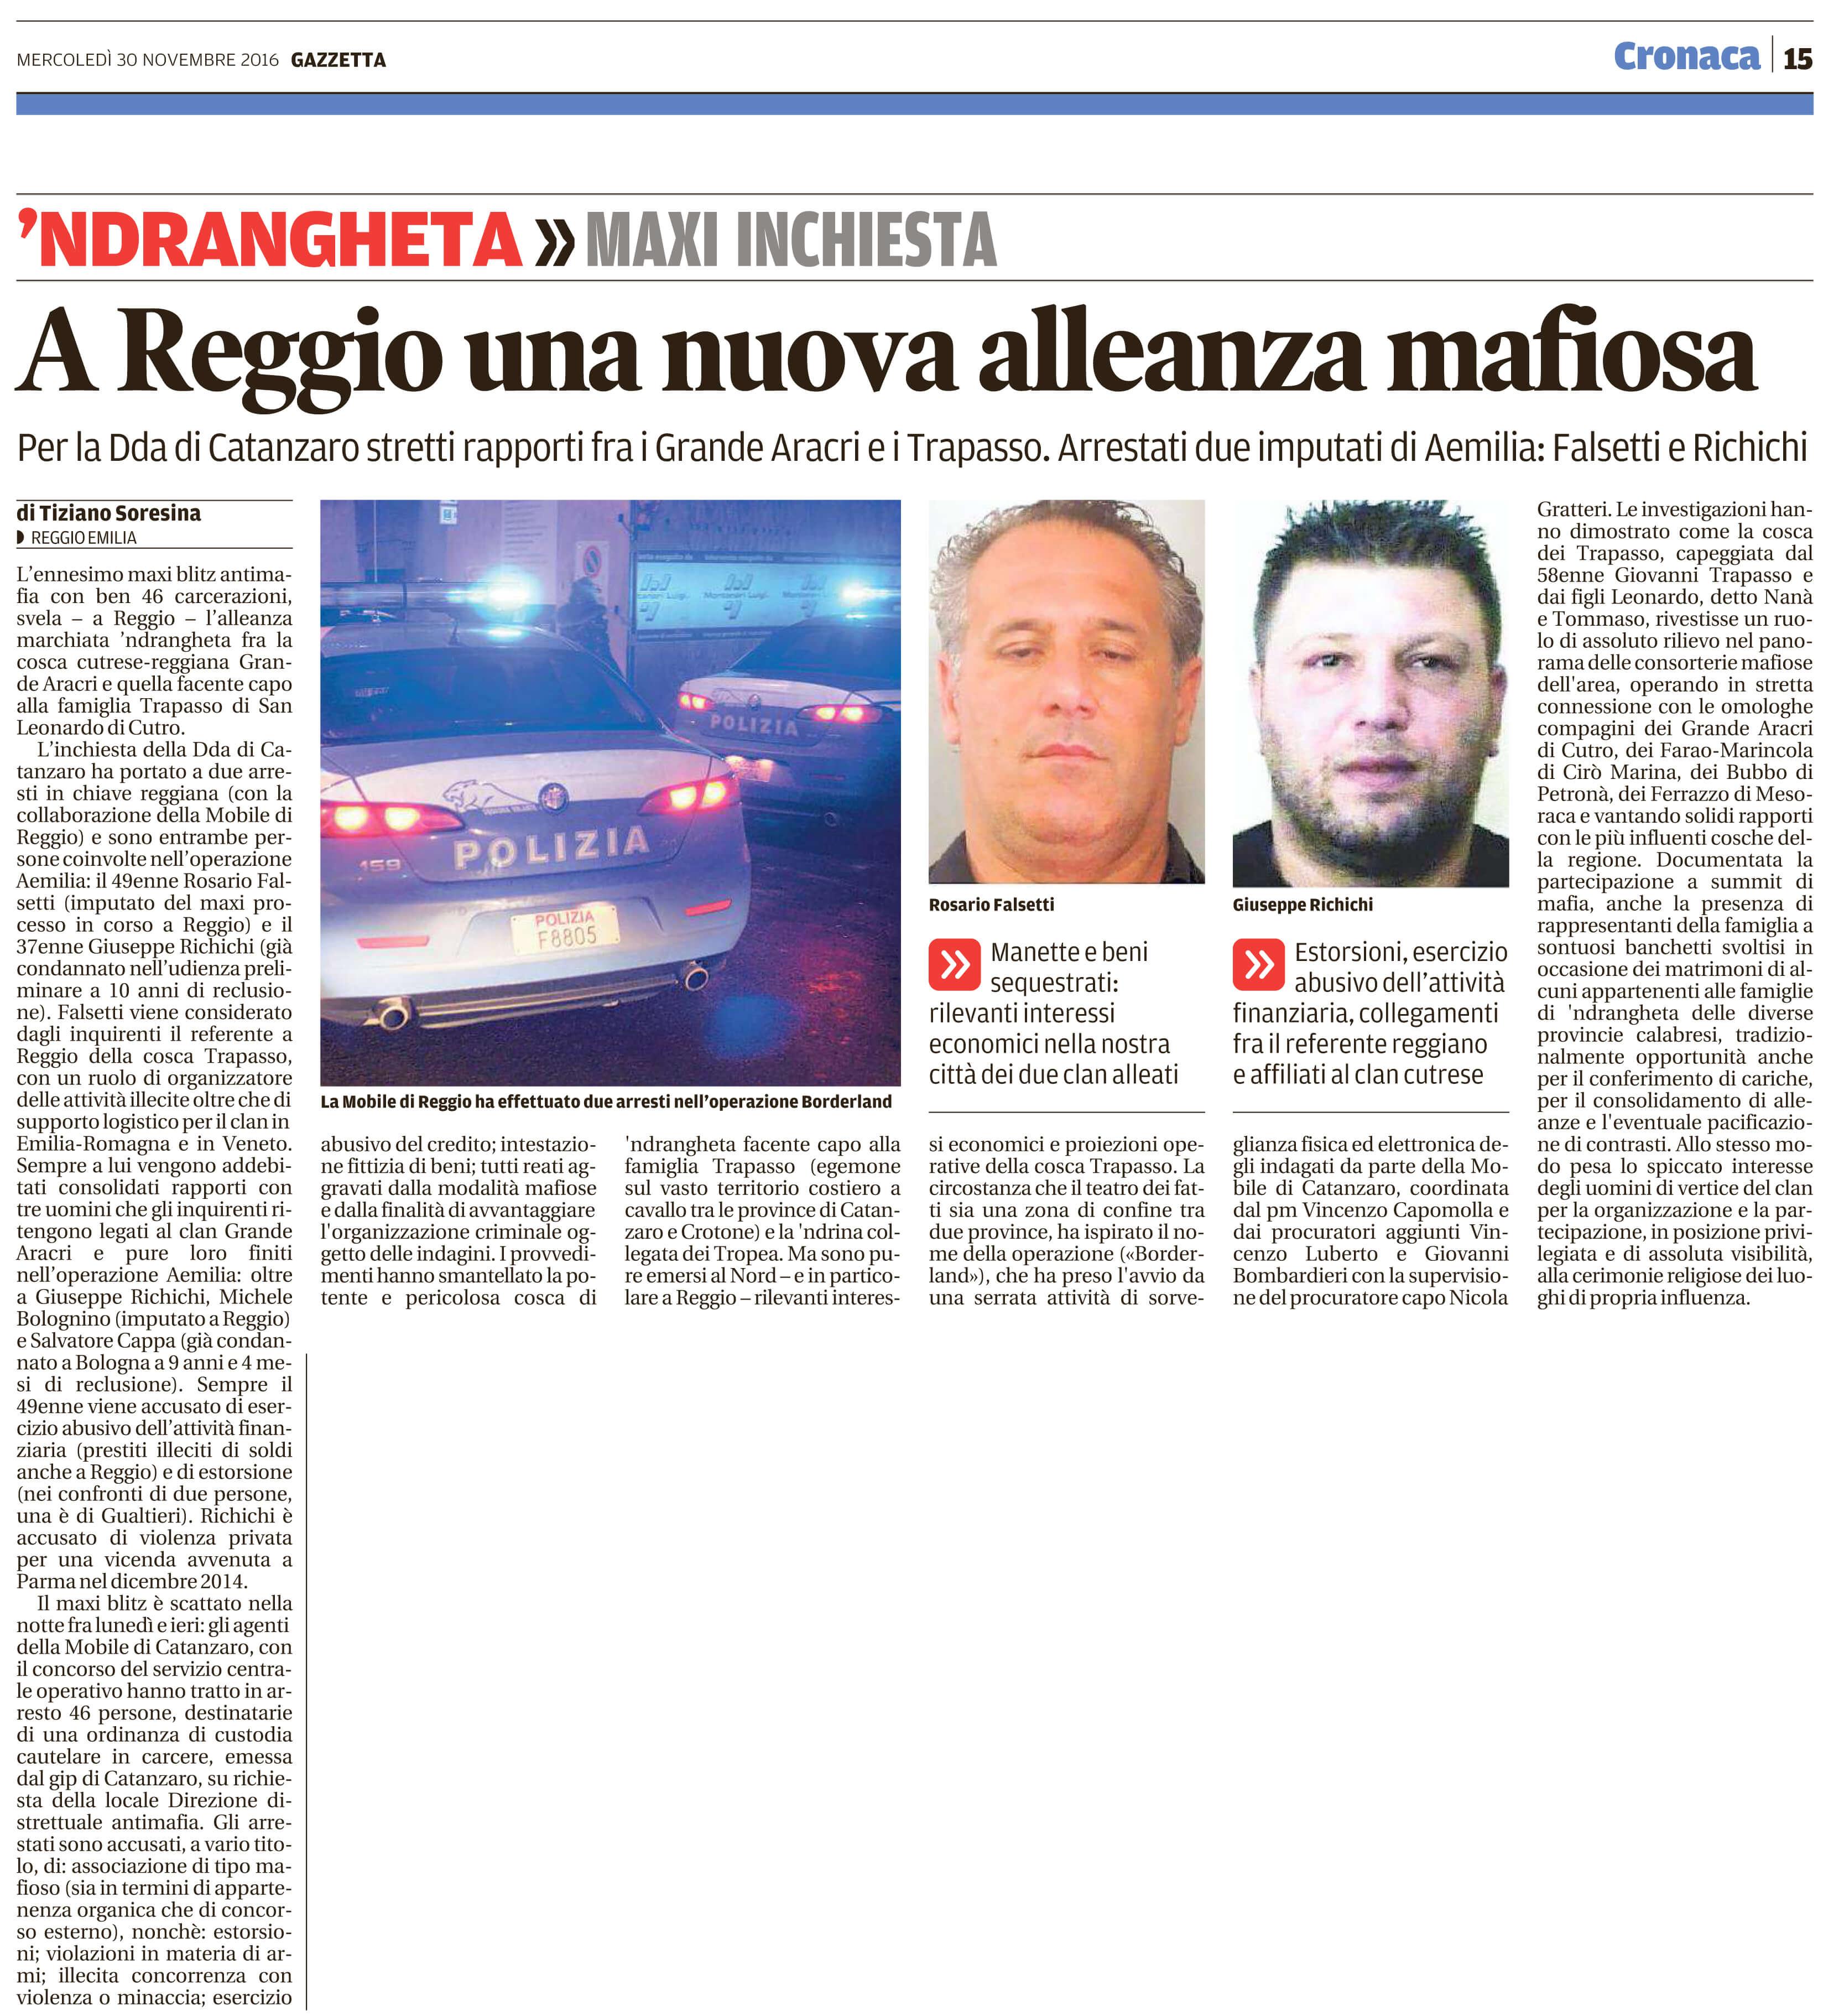 A Reggio una nuova alleanza mafiosa